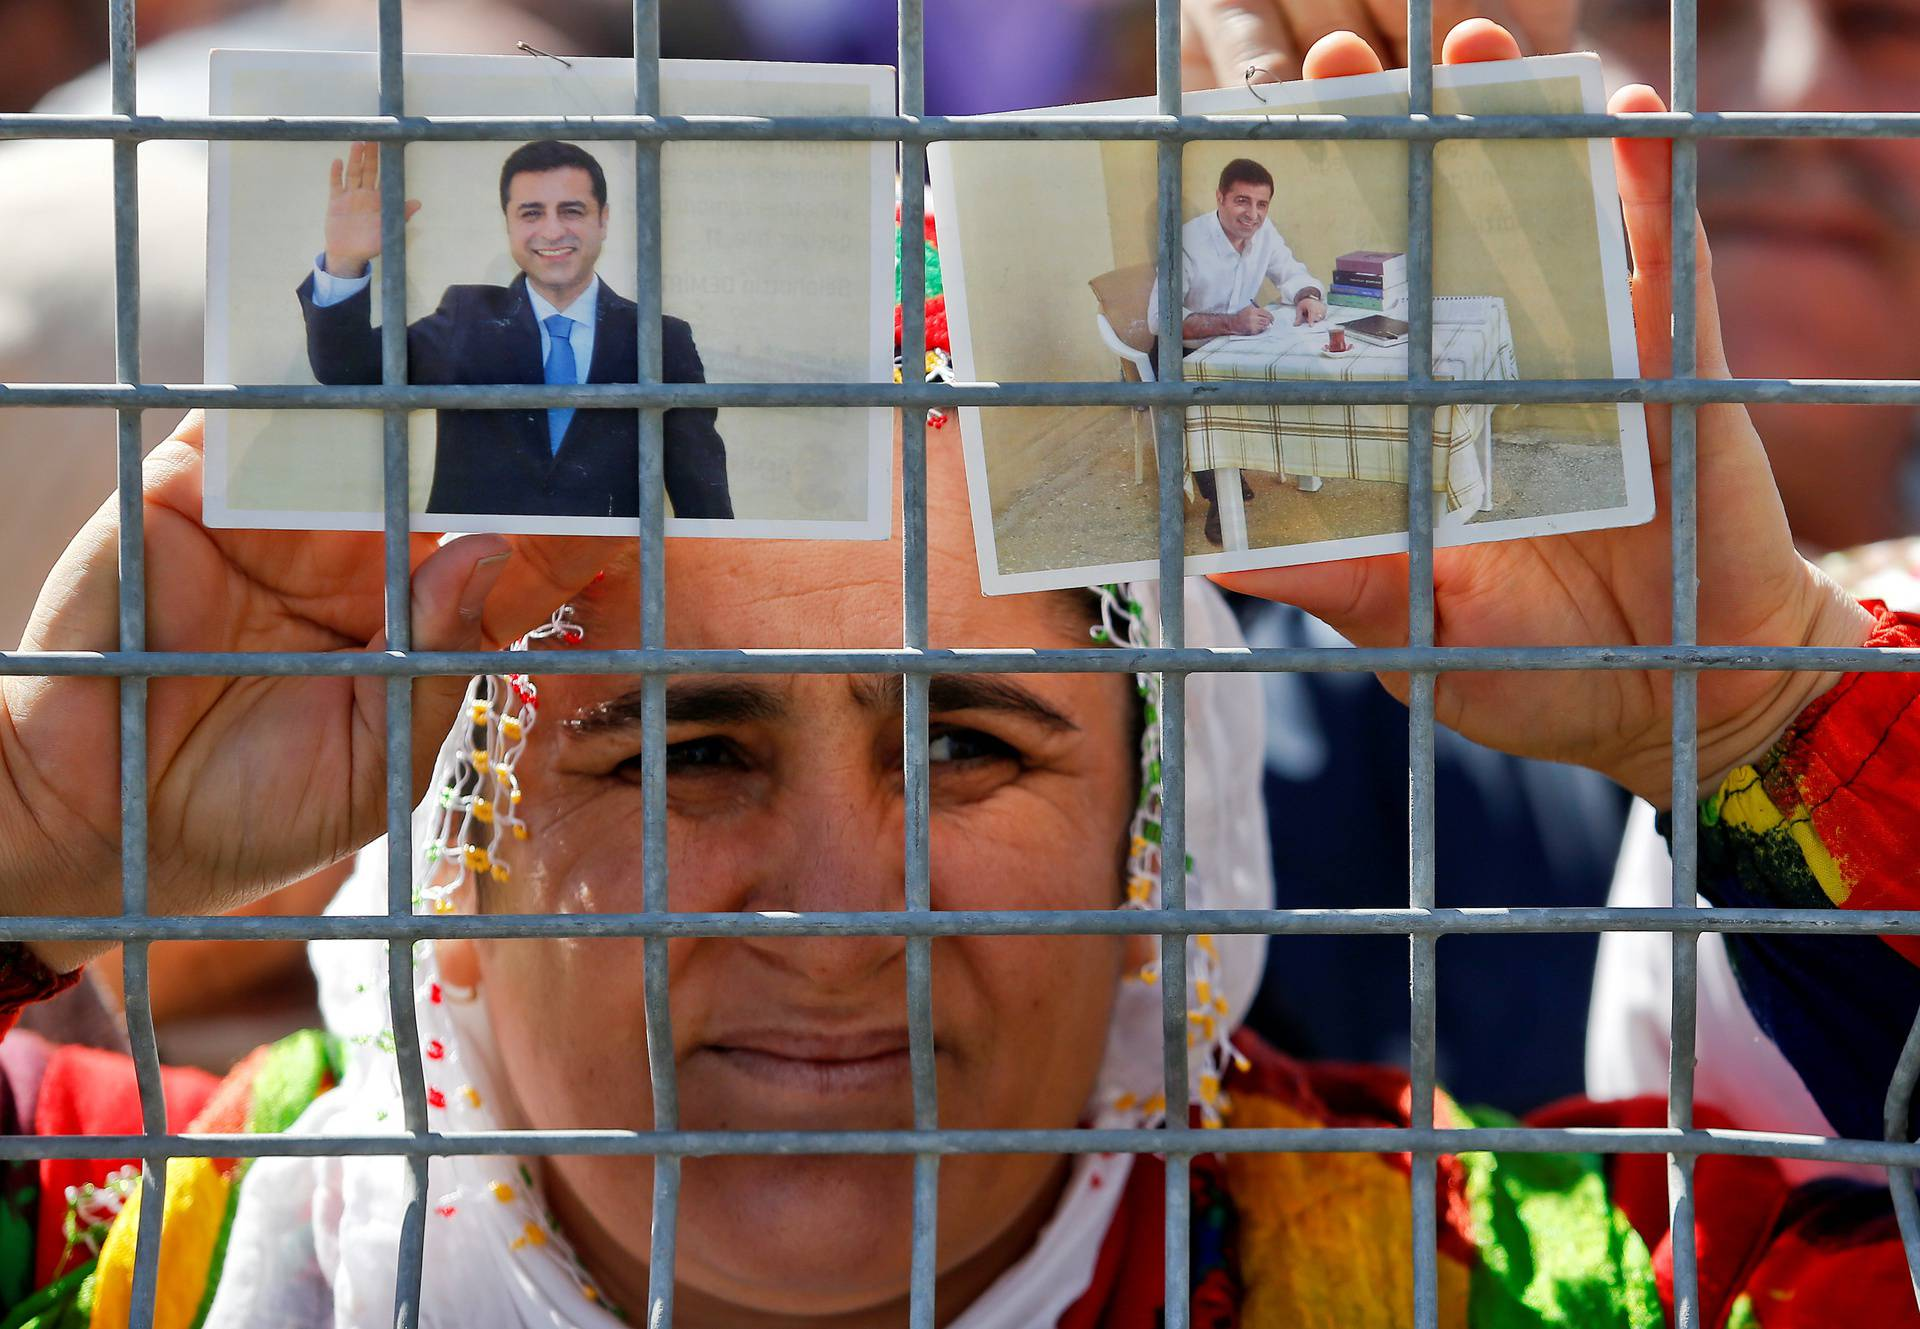 Turska: Država narušila prava čelnika, predugo bio u  pritvoru